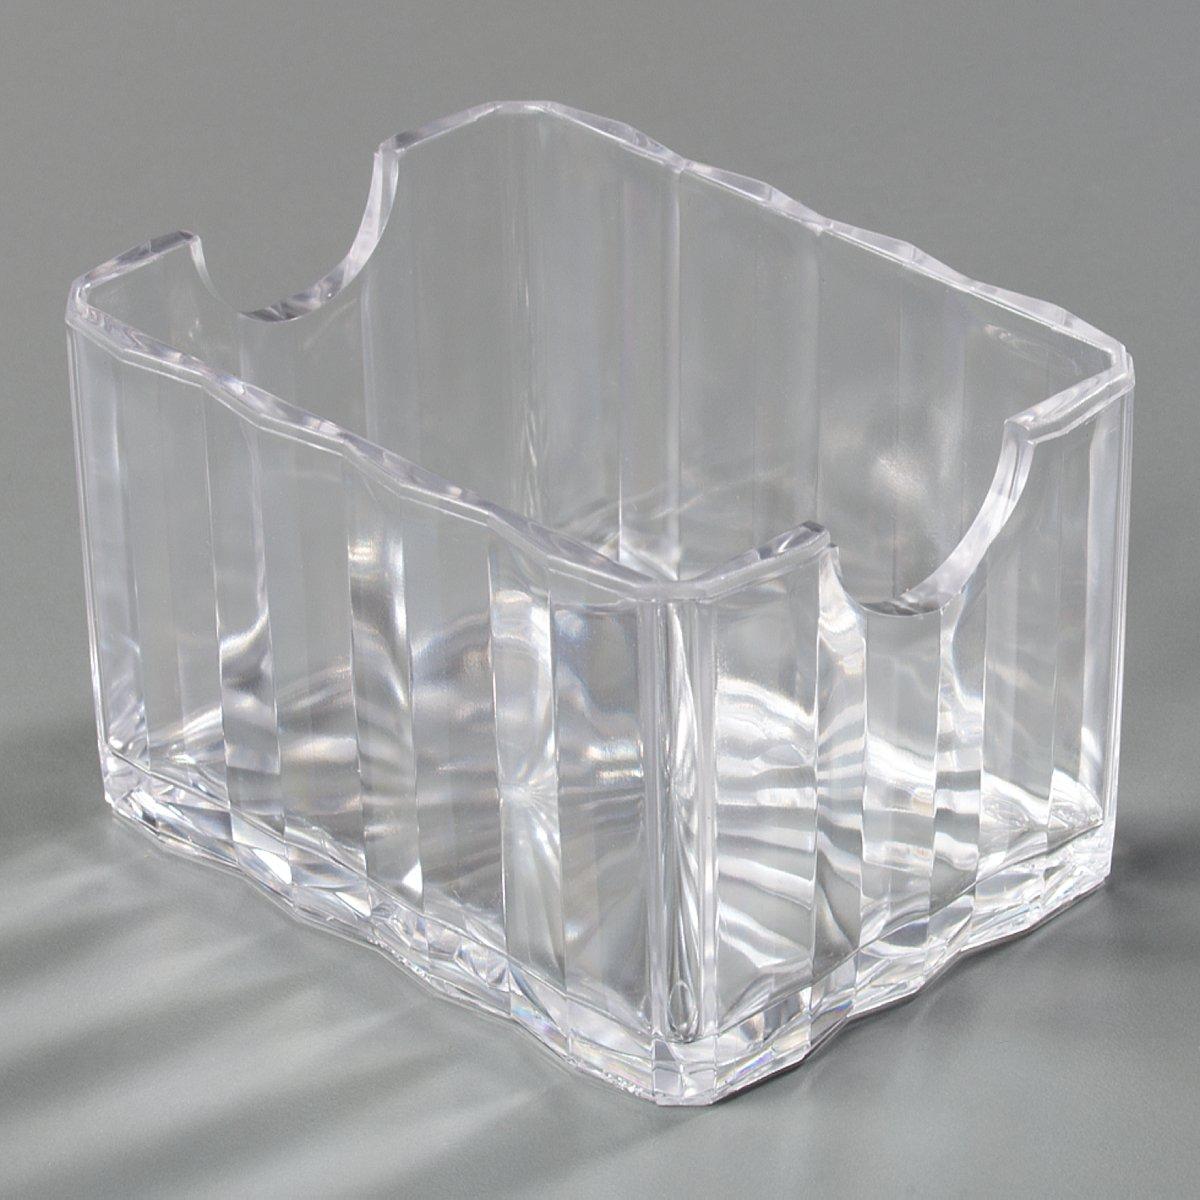 Carlisle (454907) Crystalite Sugar Packet Caddys, Set of 24 (3-3/8-Inch x 2-18/32-Inch x 2-1/8-Inch, SAN, Clear)